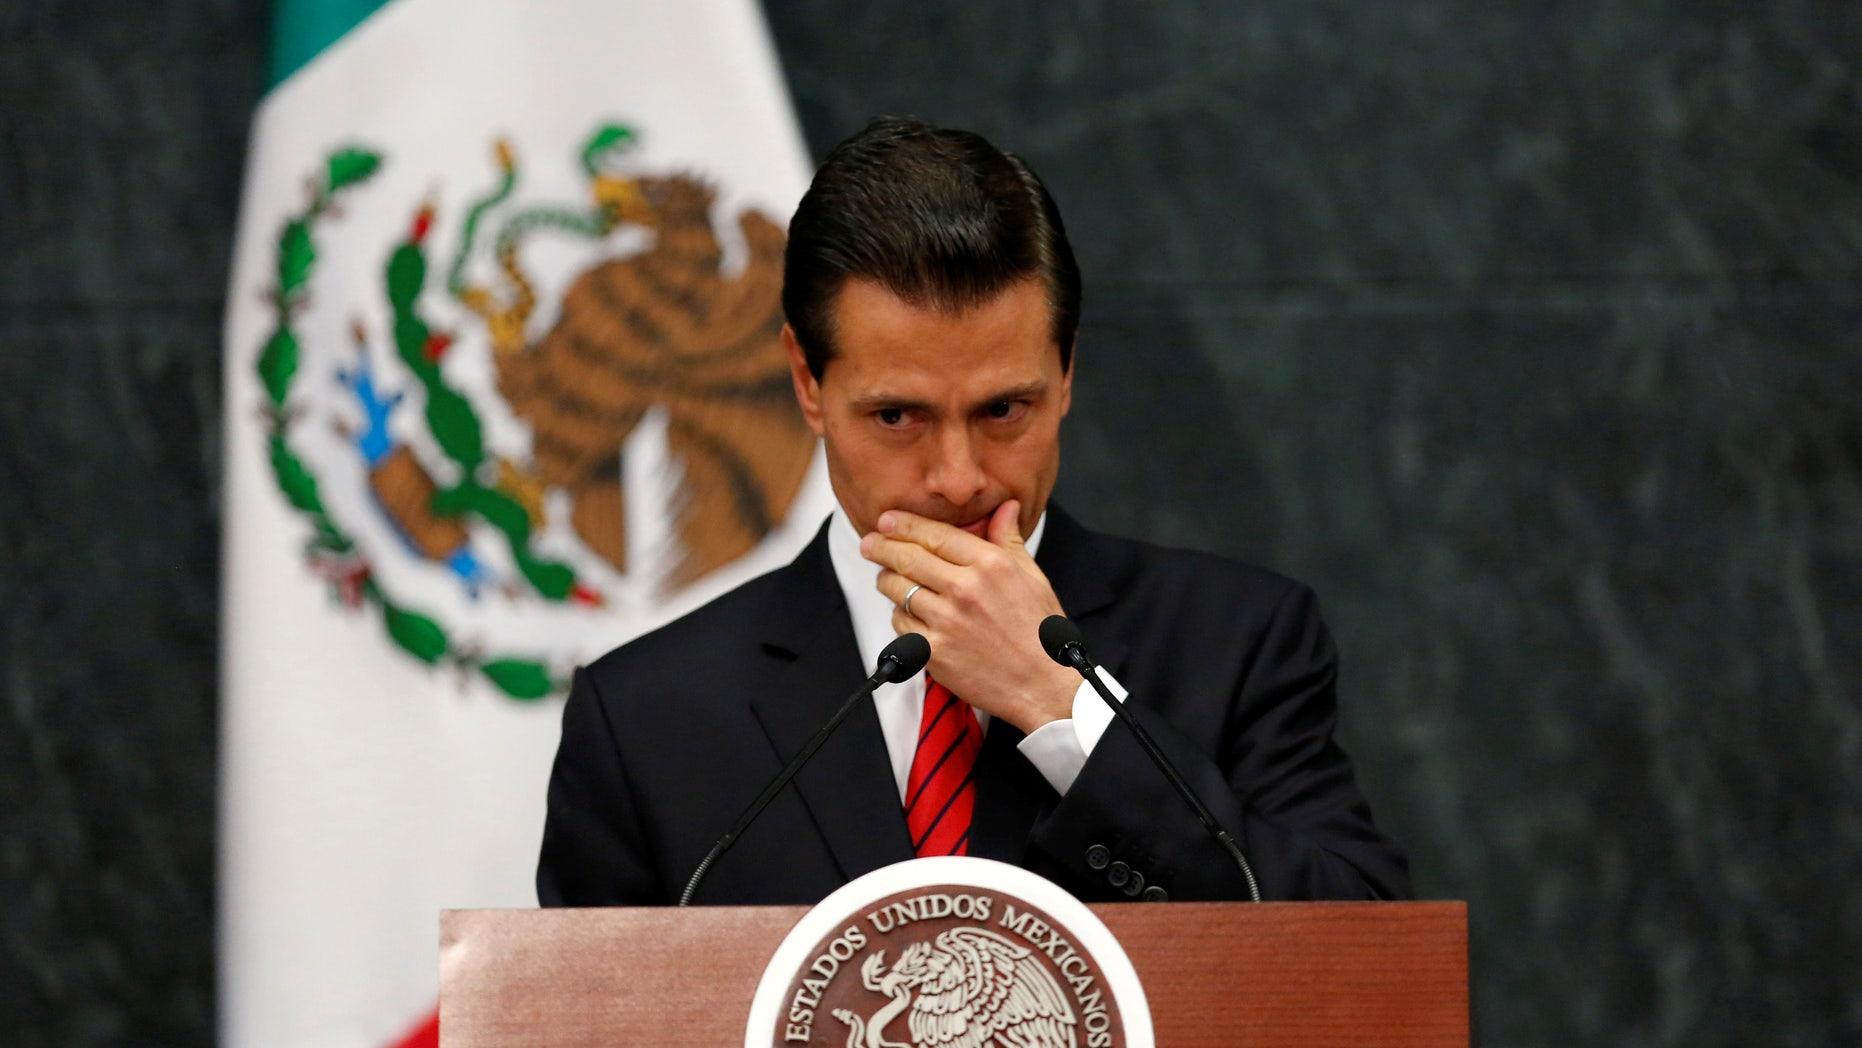 Mexico's President Enrique Pena Nieto on November 9, 2016.